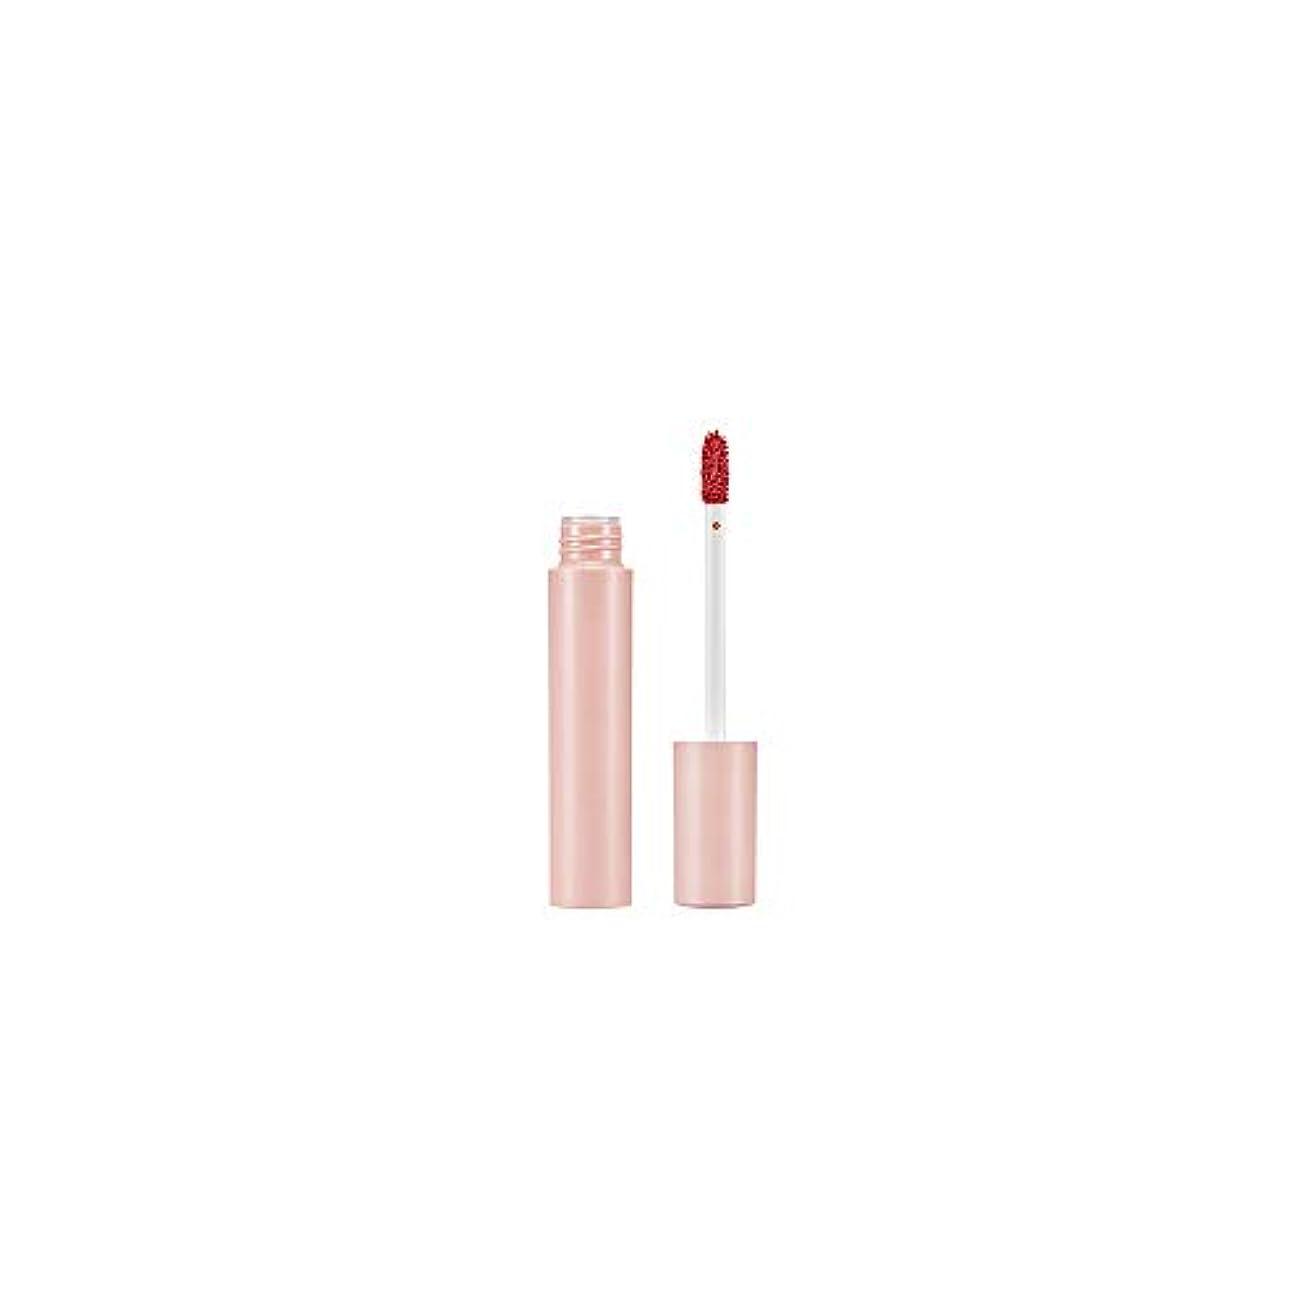 バナー飛躍学部[ARITAUM/アリタウム] Color Live Tint/カラーライブティント 12カラー / 3.5g リップティント ティント 口紅 リップ リップメイク 韓国コスメ JUHASBNH (#18)